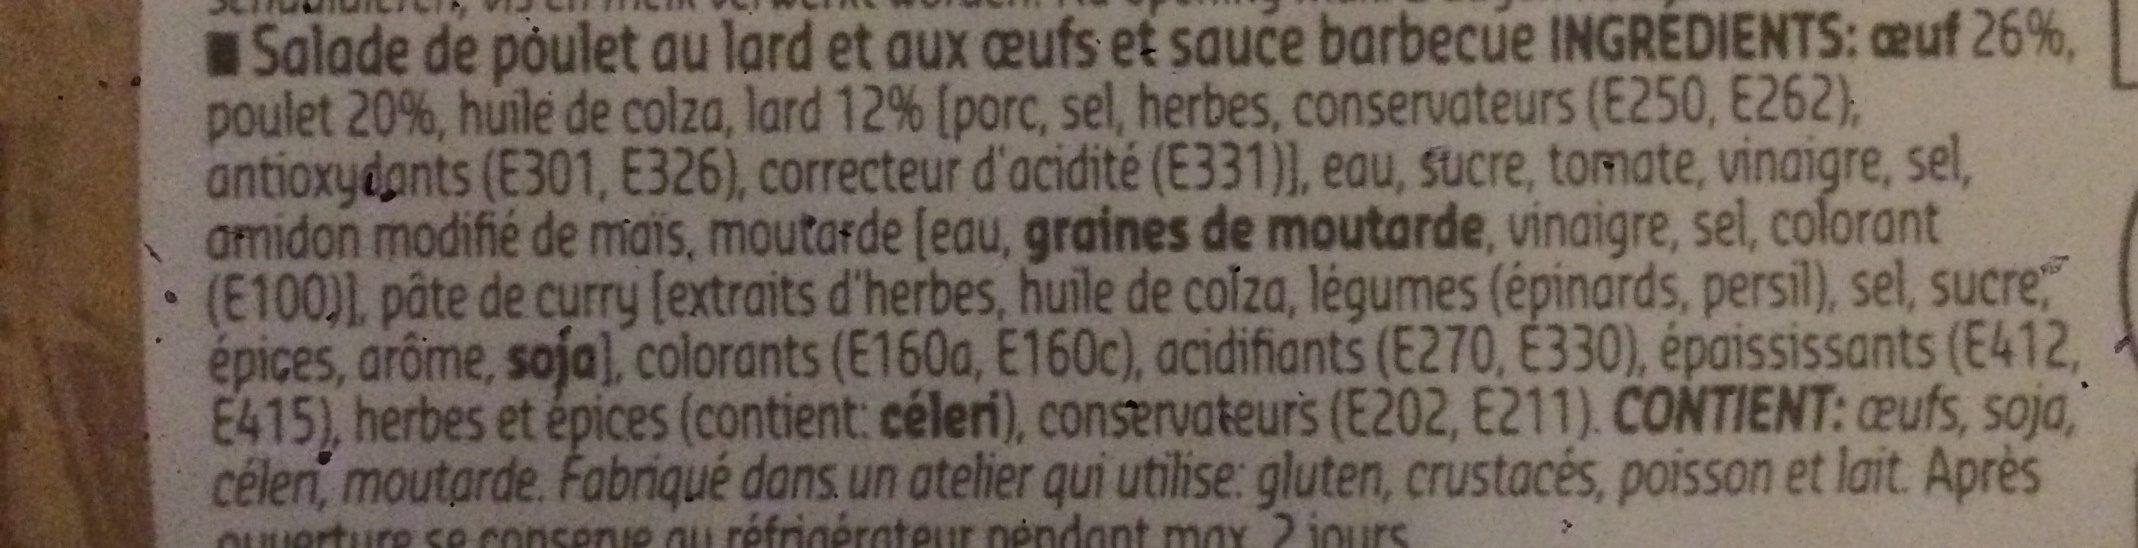 Poulet au lourd croustillant - Ingrédients - fr